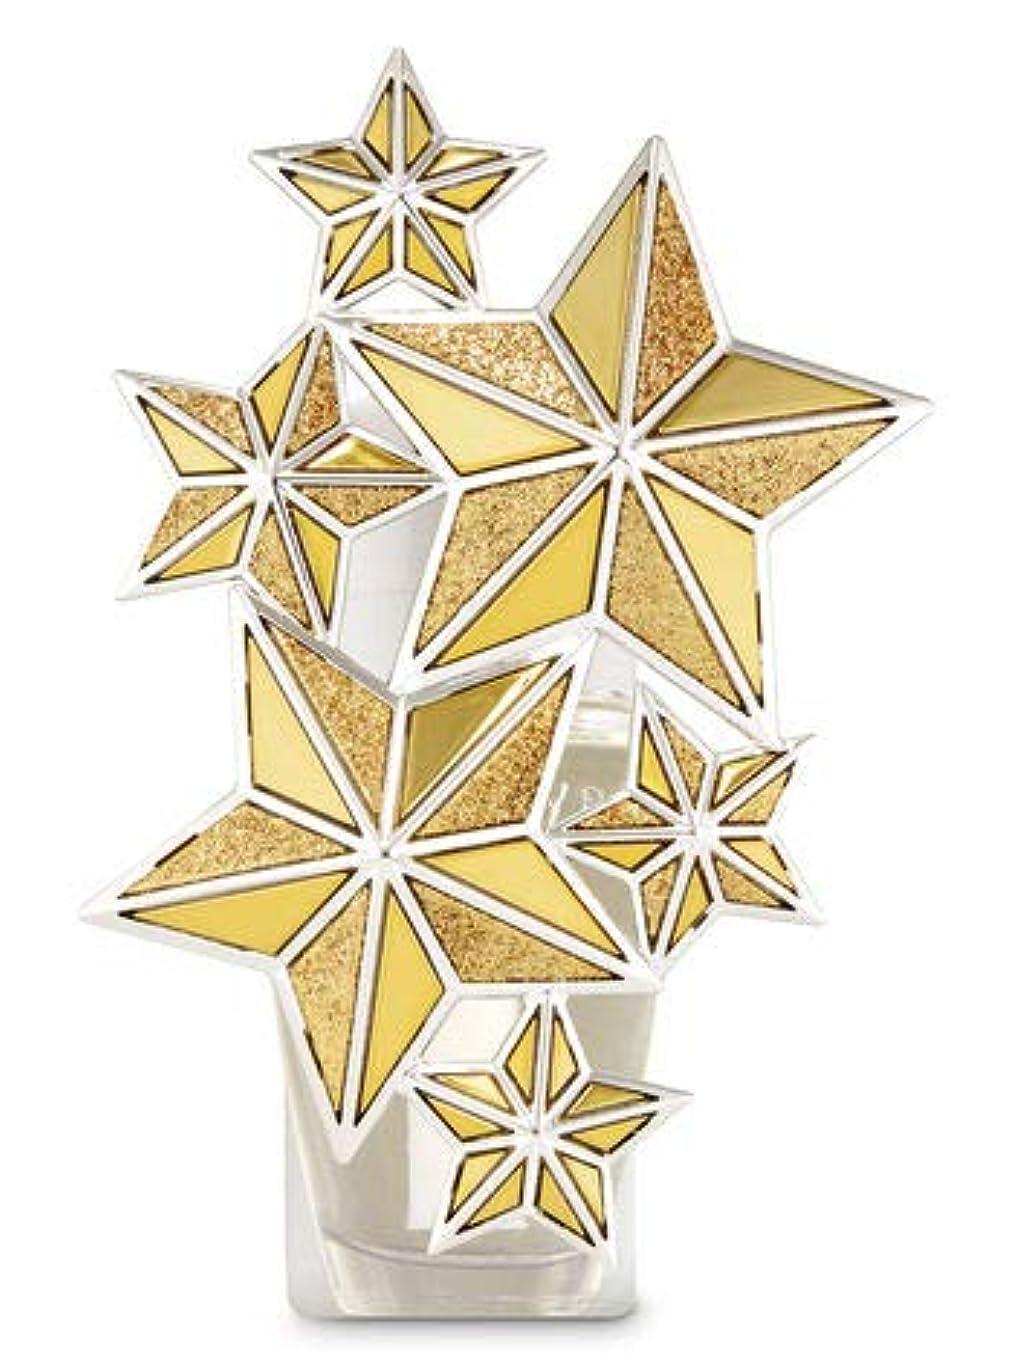 カーペット生き物周波数【Bath&Body Works/バス&ボディワークス】 ルームフレグランス プラグインスターター (本体のみ) ゴールドスター ナイトライト Wallflowers Fragrance Plug Gold Star Night...